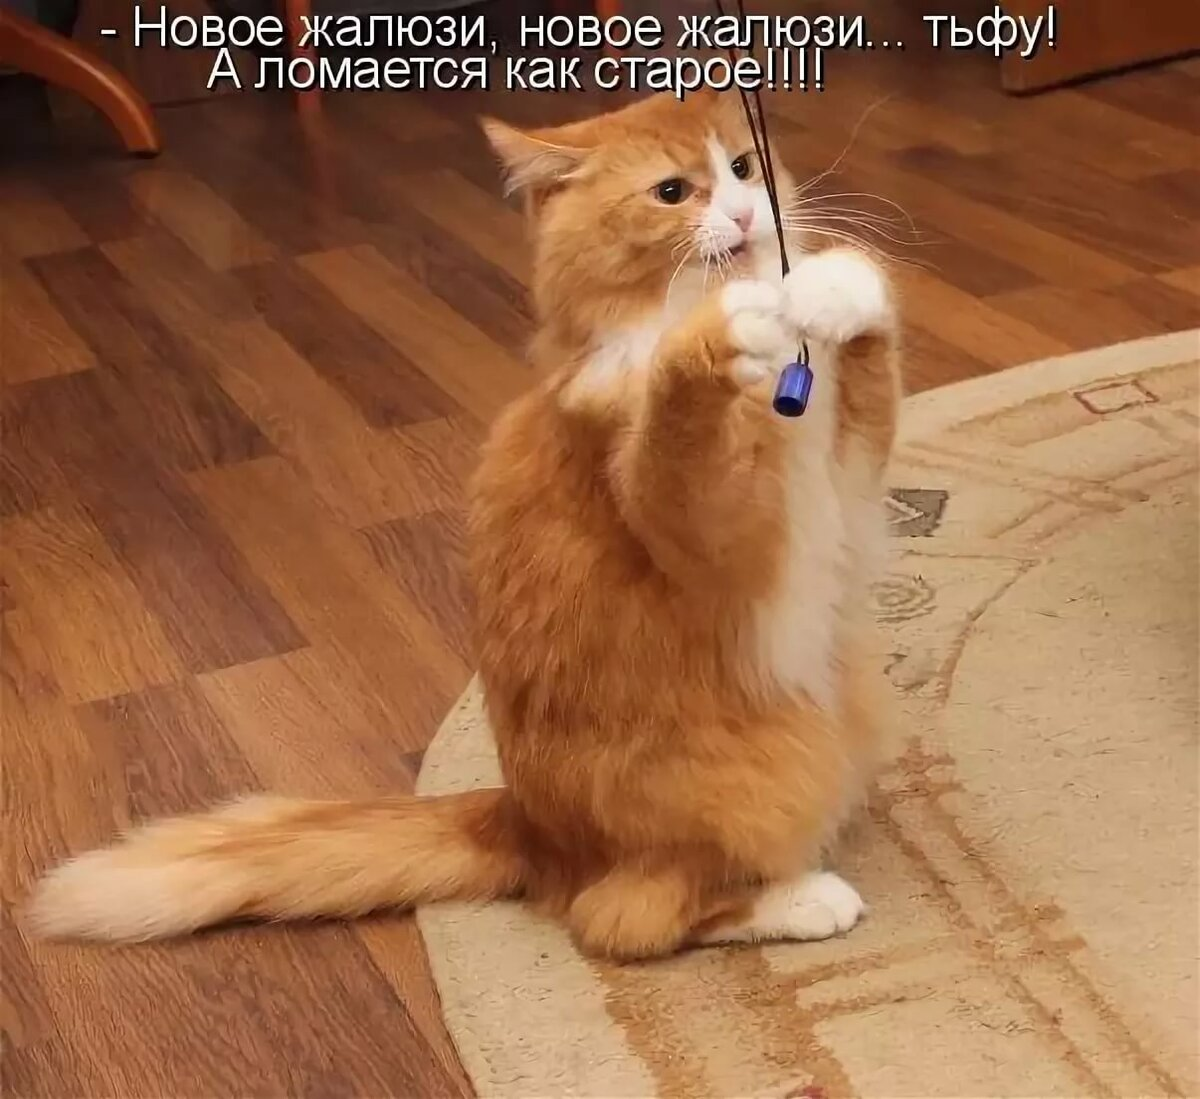 Самые смешные картинки про котов с надписями